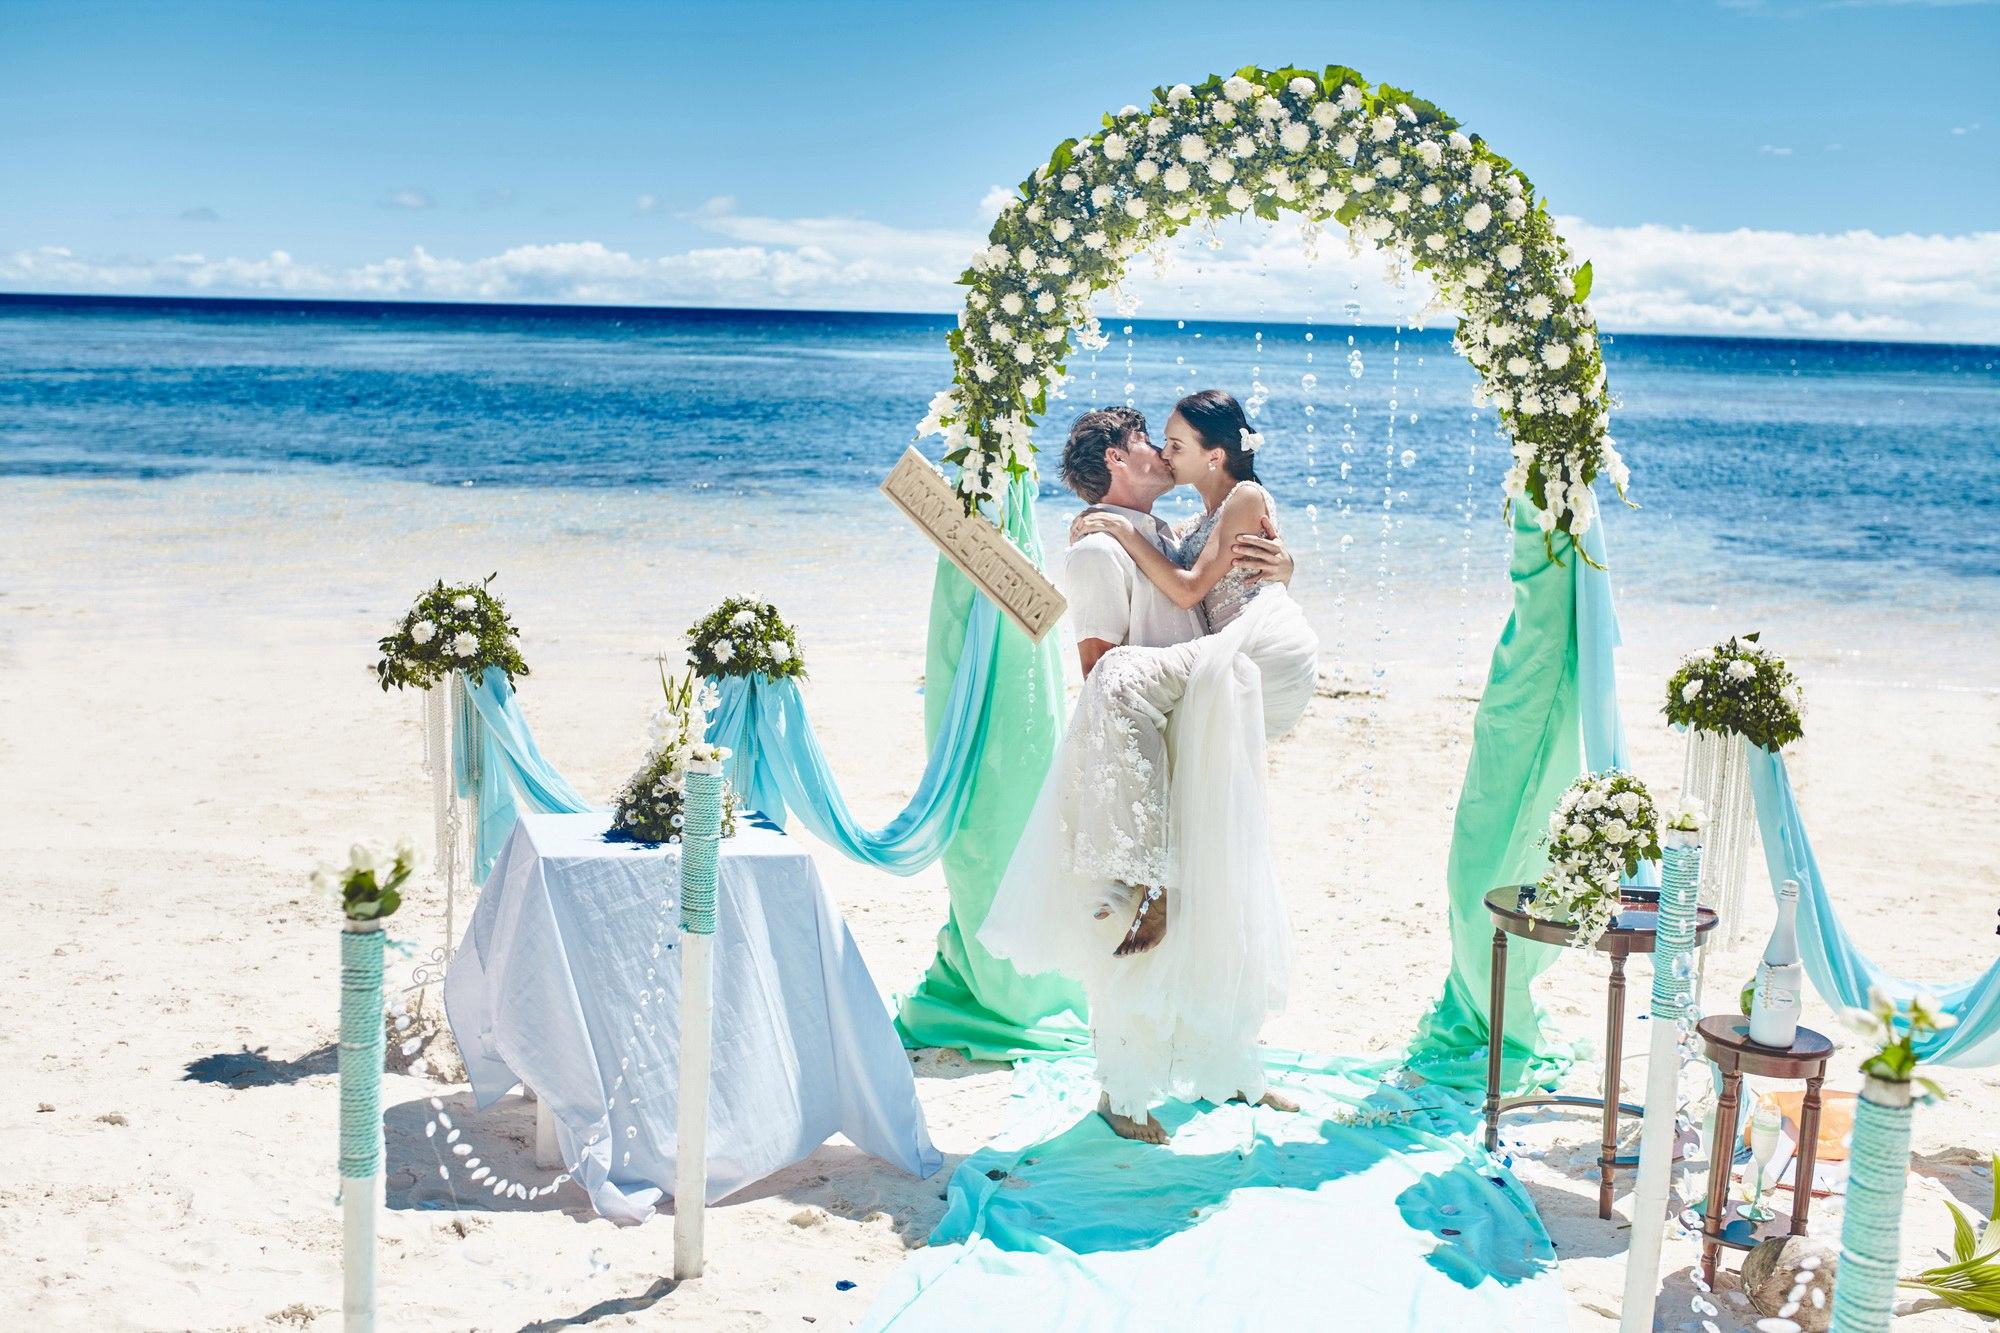 DNDwwecHFtU - Трагические заблуждения относительно брака